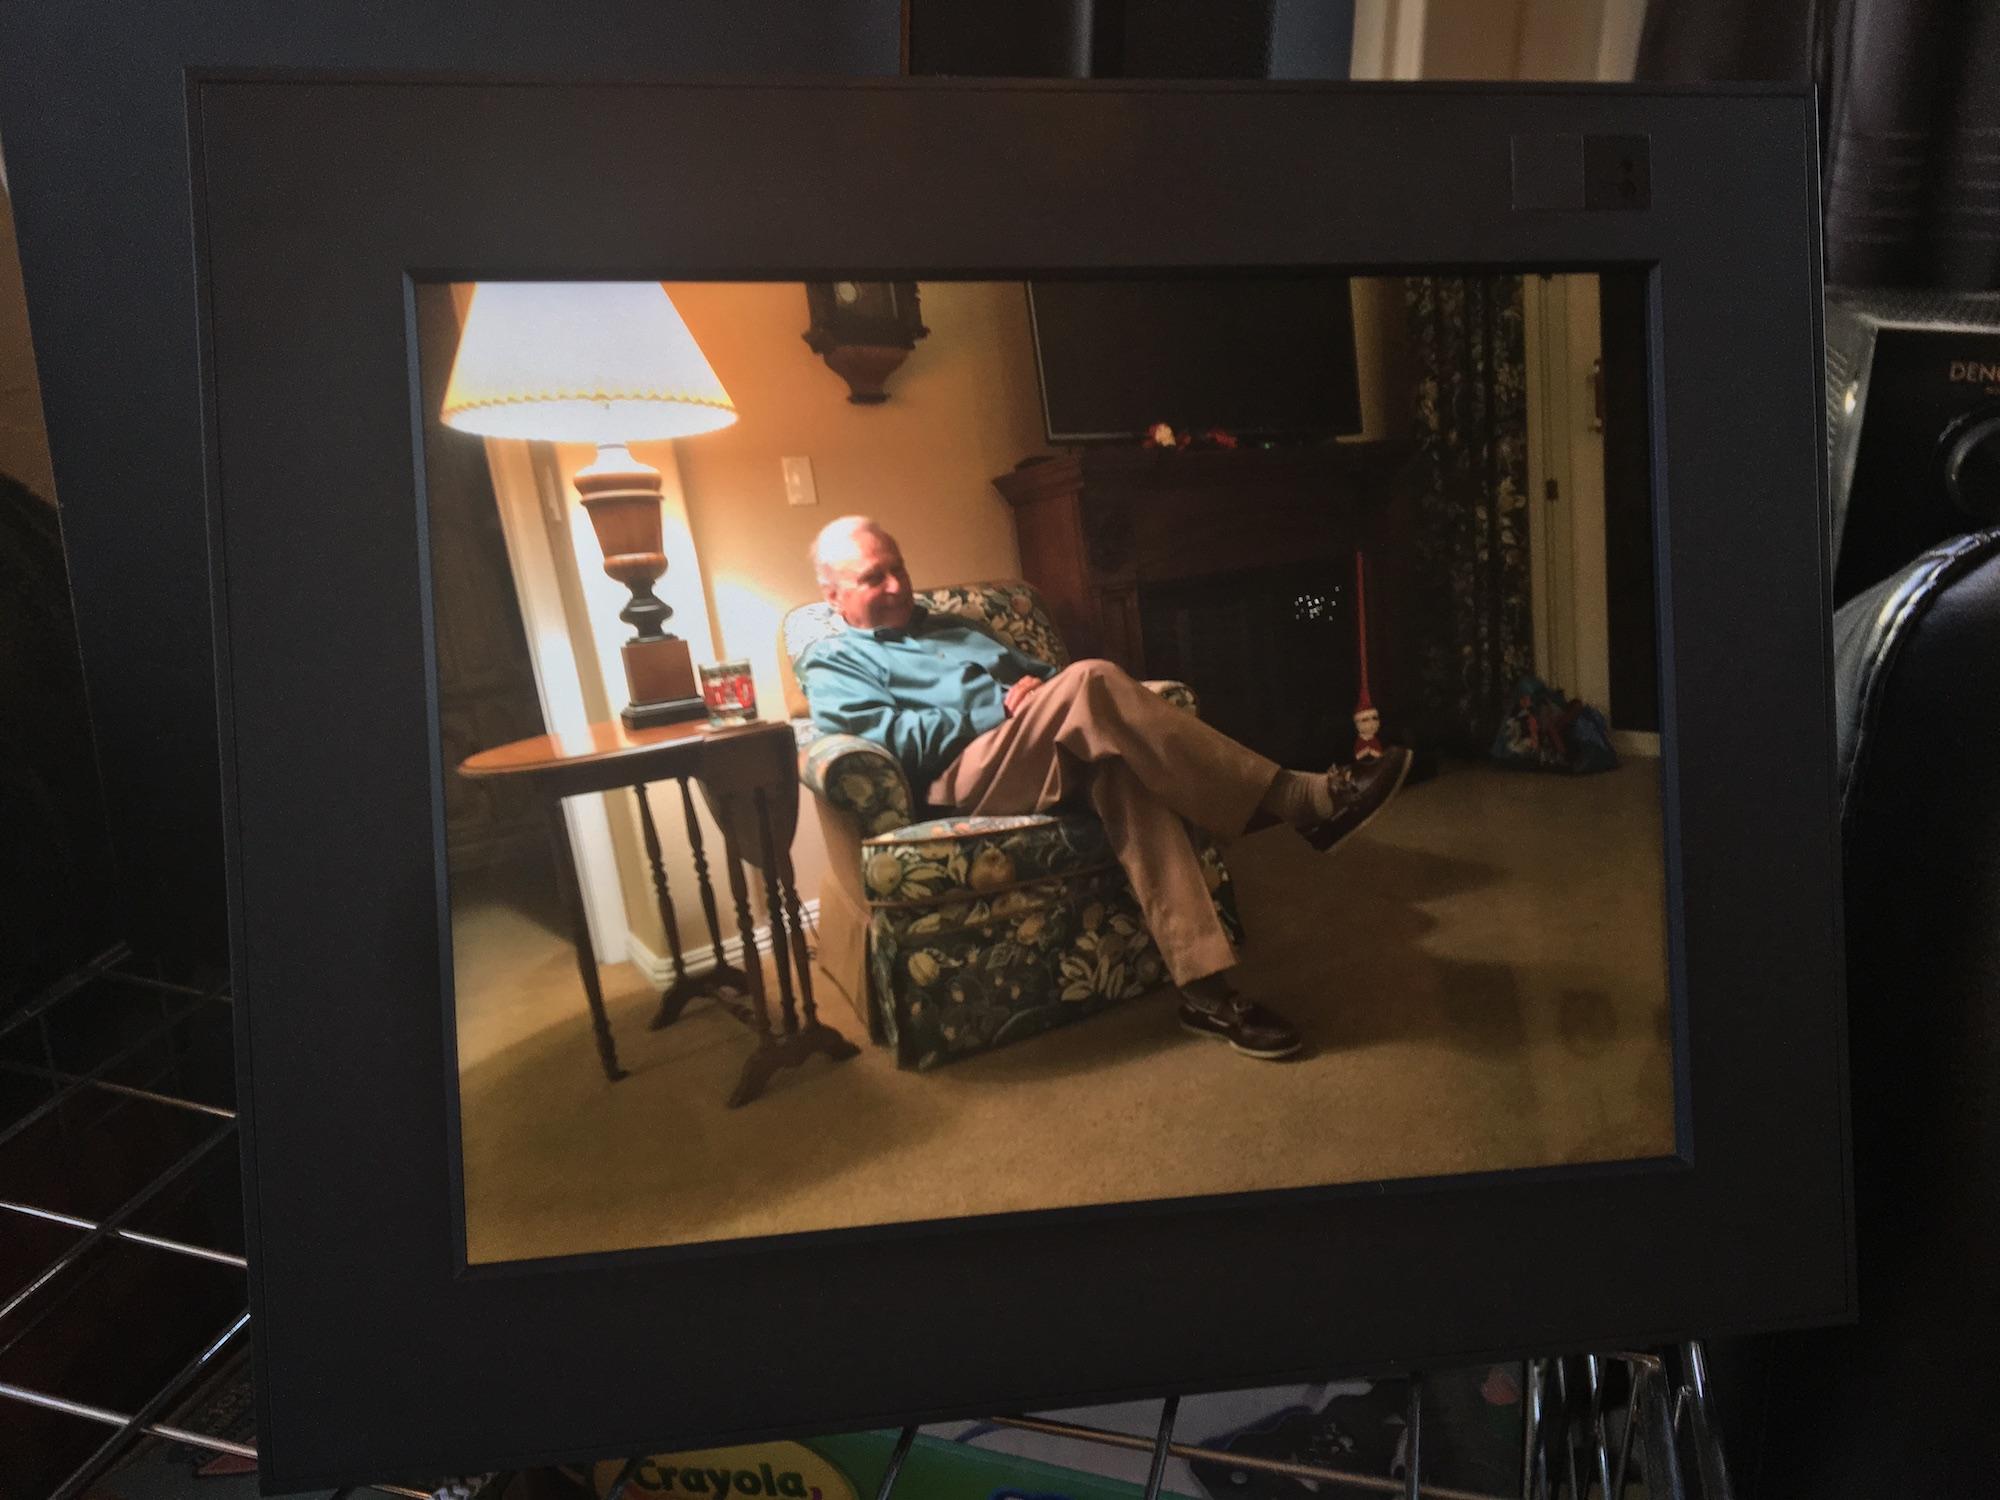 image of digital frame